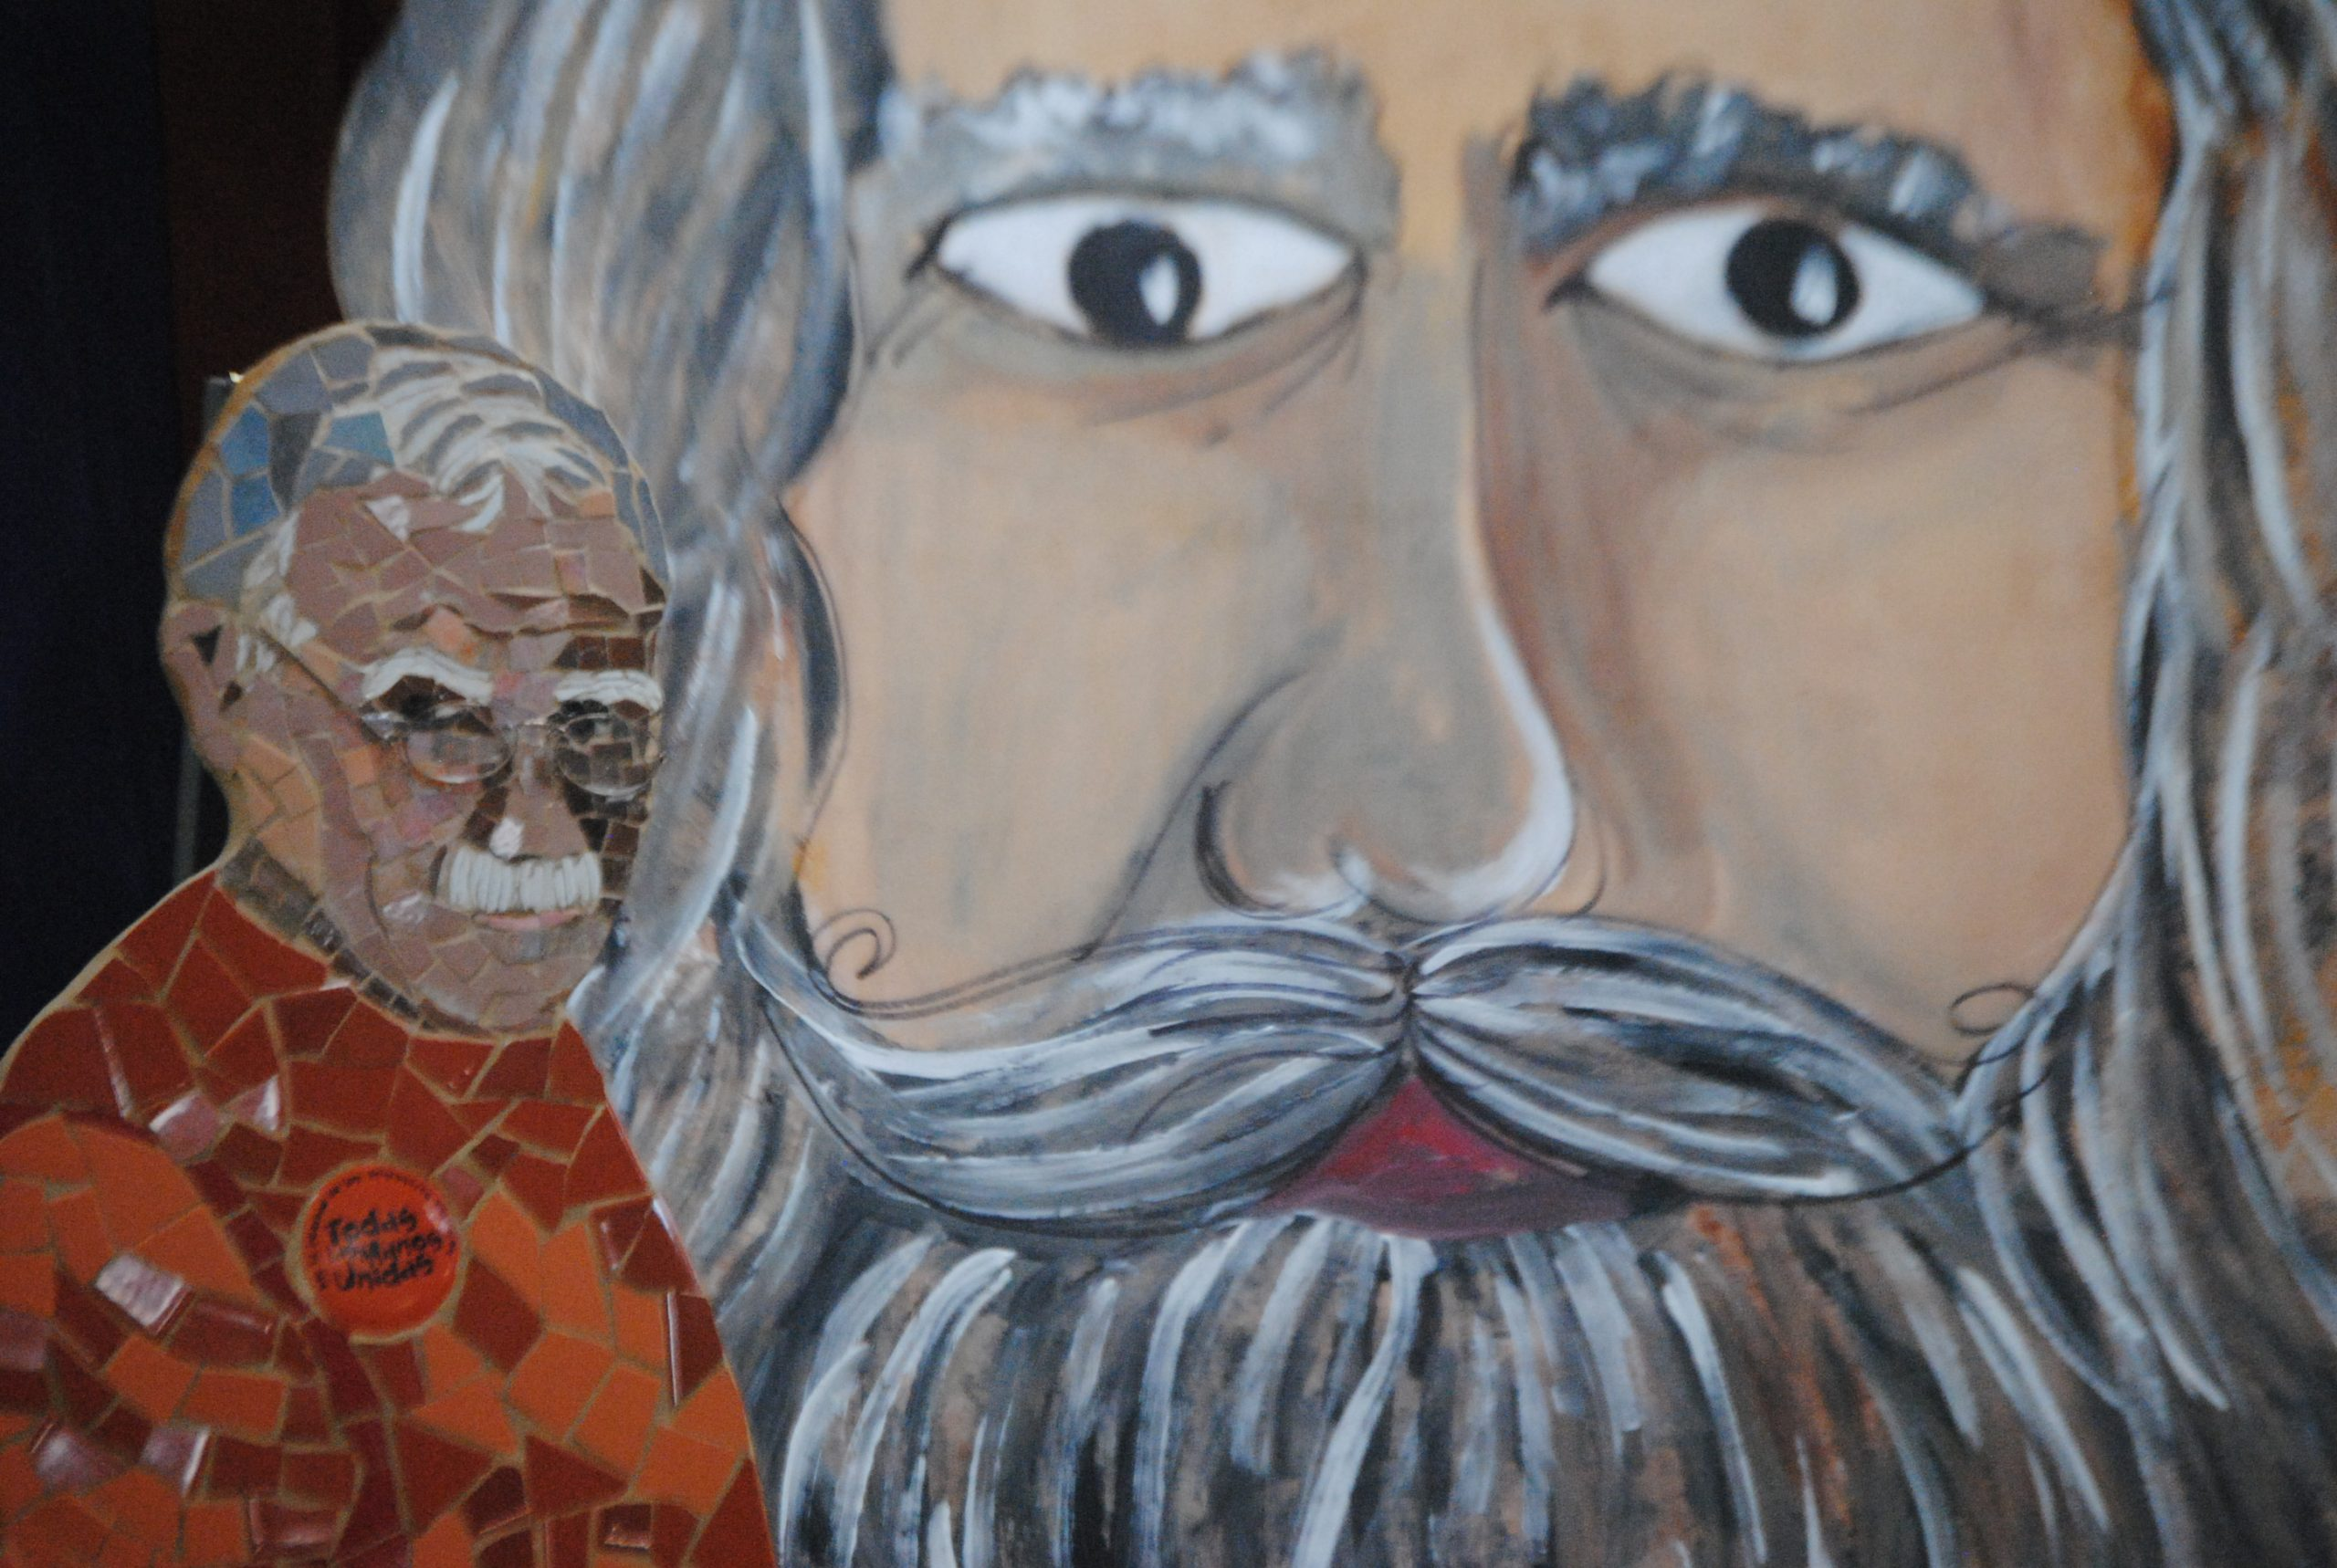 Entre las obras artesanales expuestas estuvo la figura de Oscar López Rivera hecha en mosaicos. (Foto Jaime Torres Torres para Fundación Nacional para la Cultura Popular)